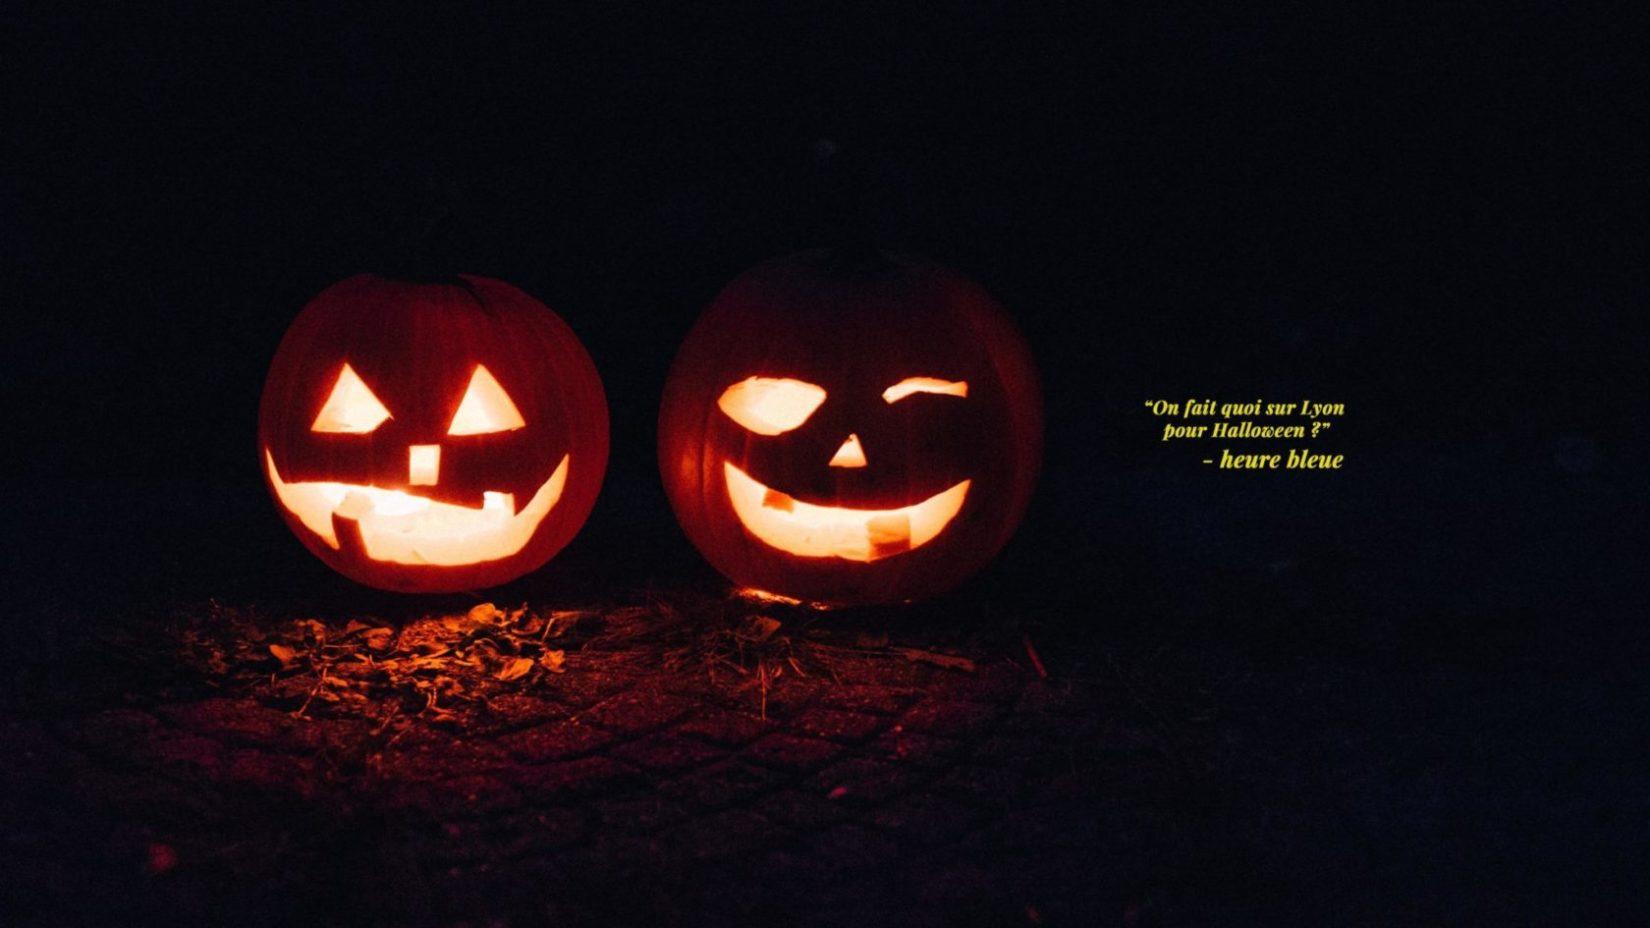 cover halloween heure bleue